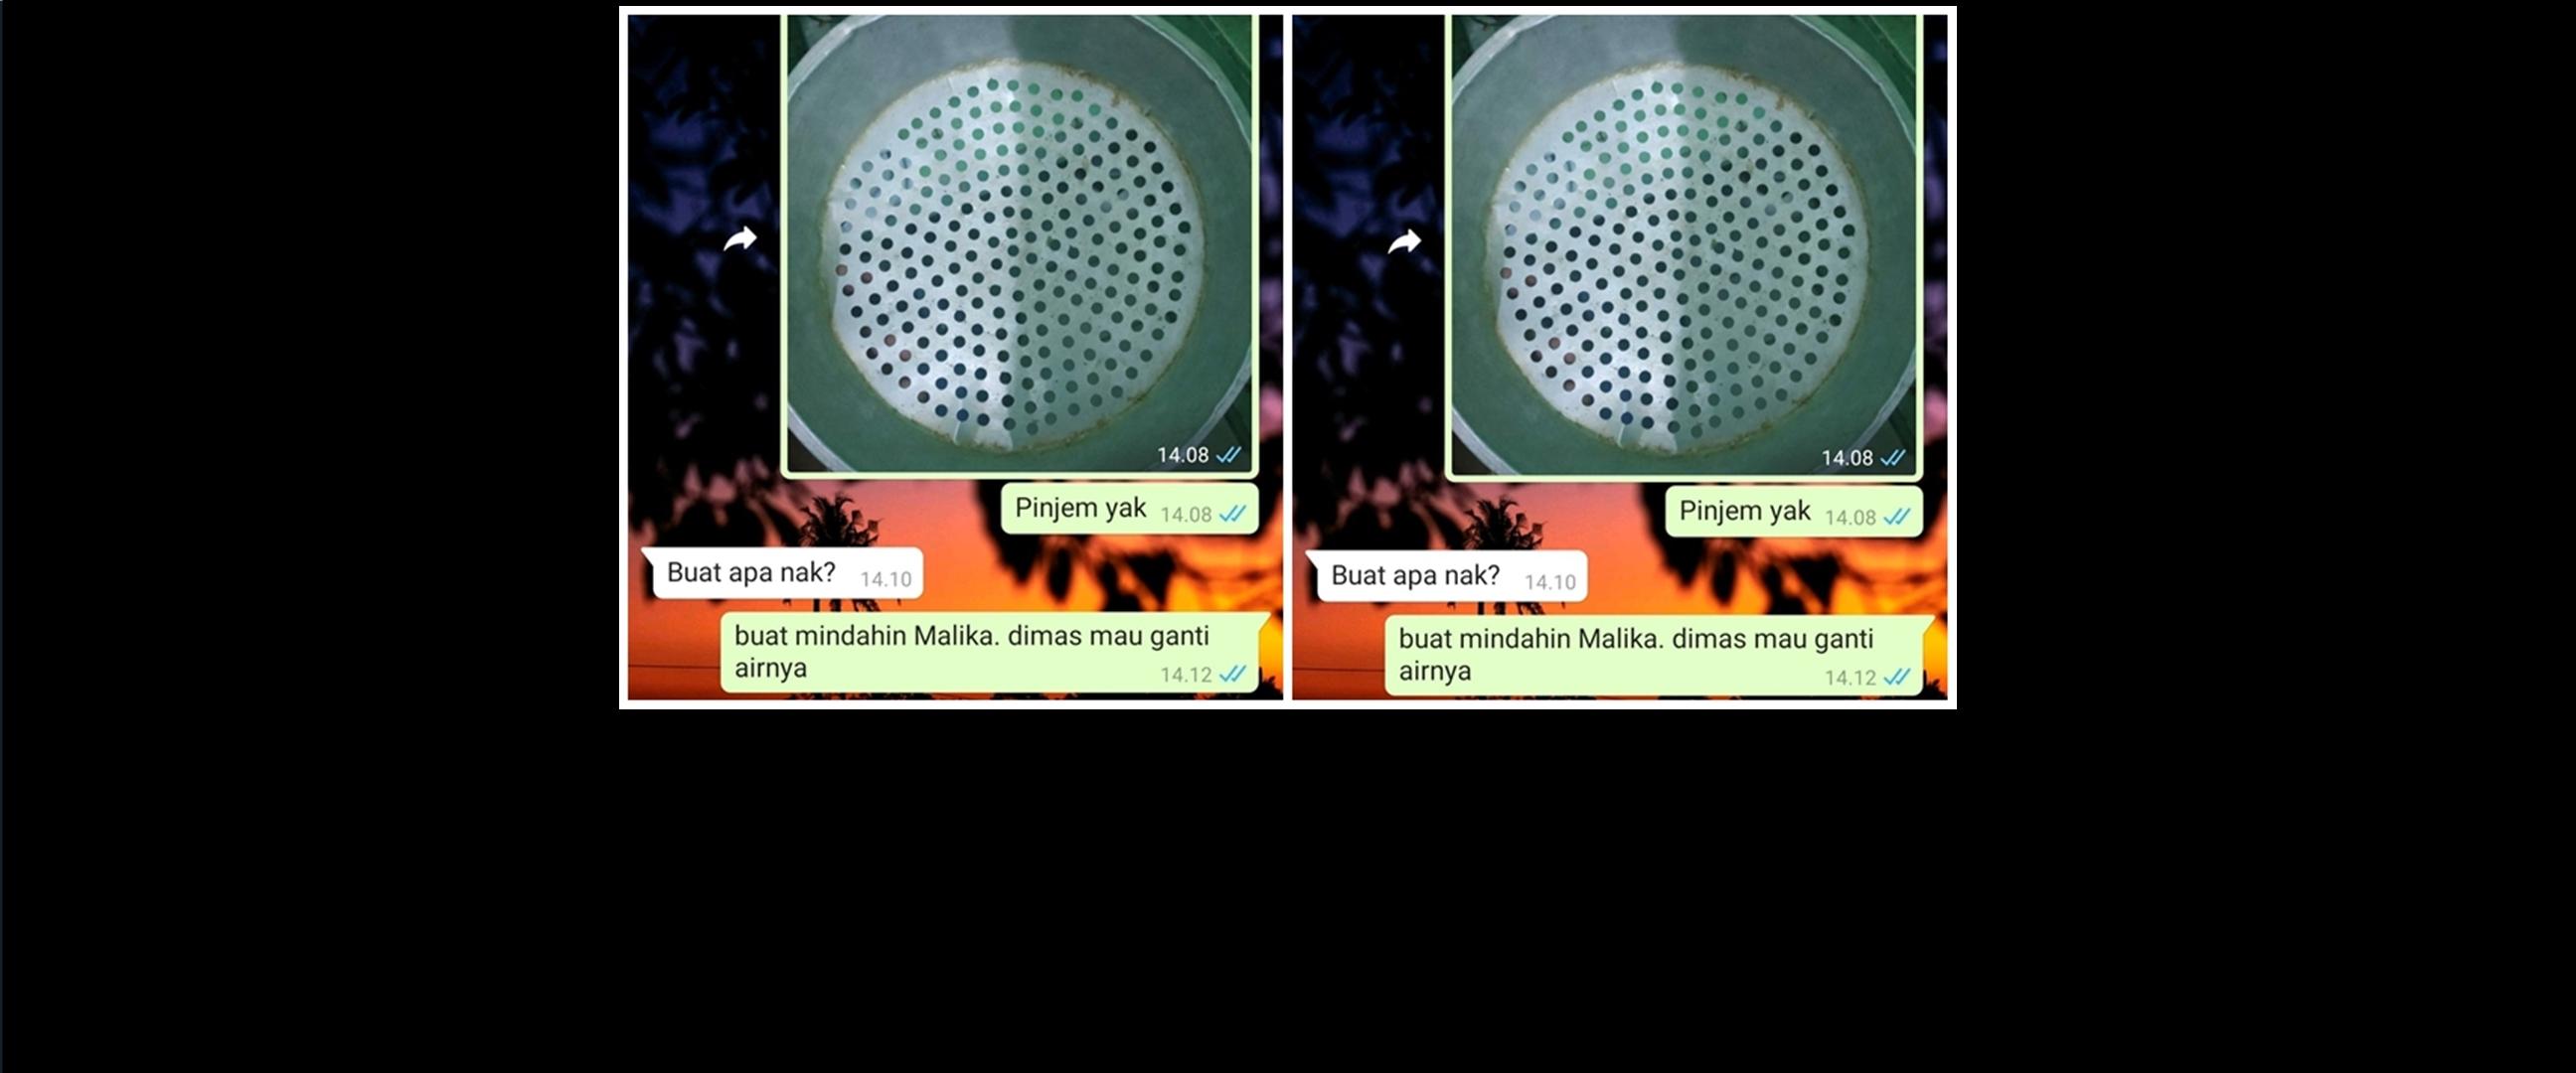 Chat WA ibu dan anak soal pinjam alat dapur ini kocak abis